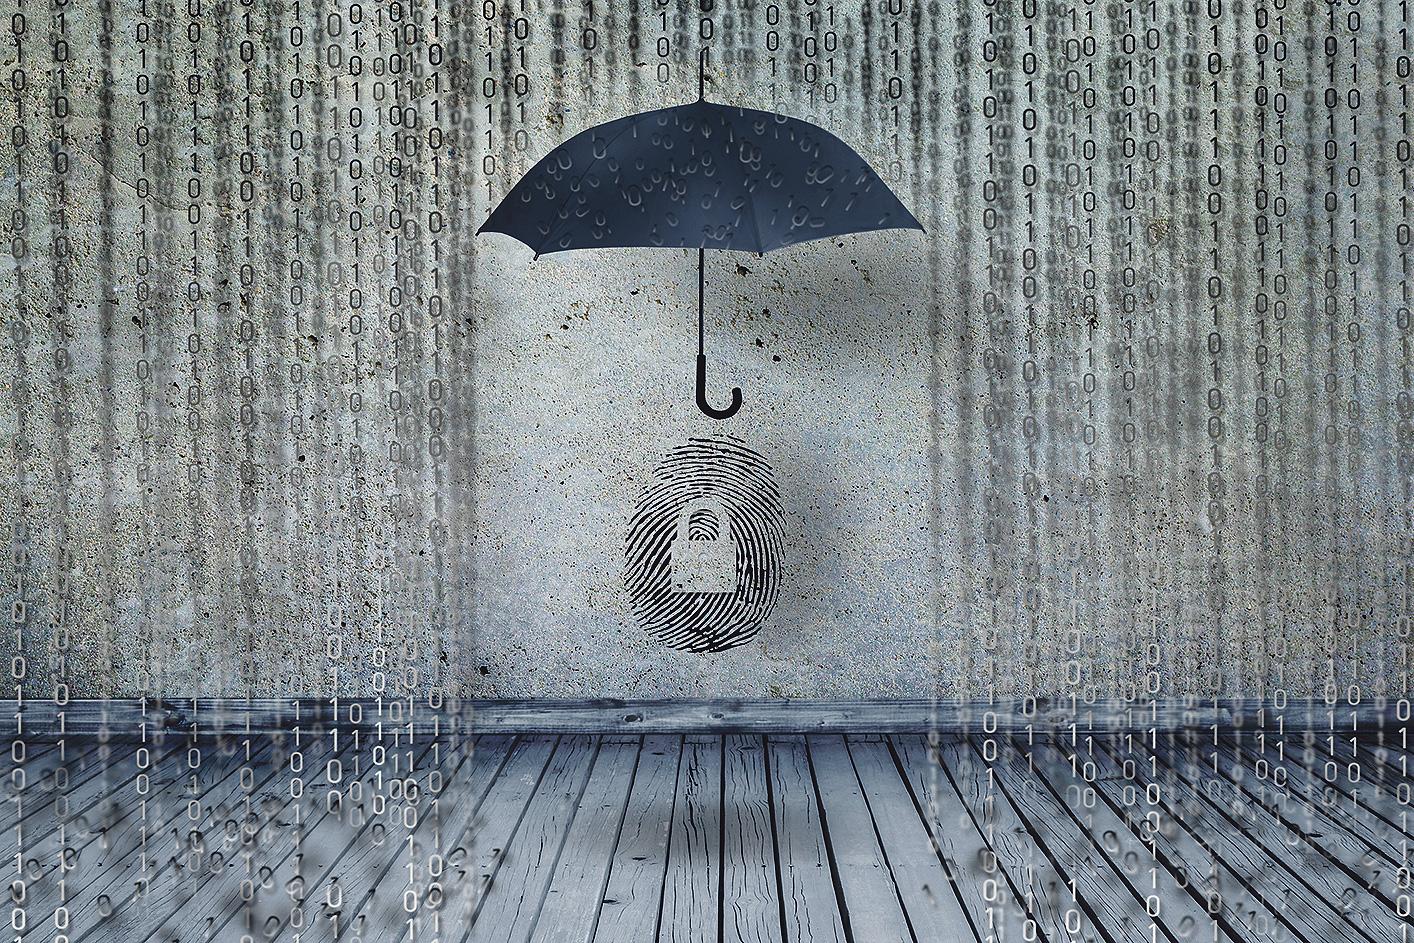 Ein Schirm im binären Regen. Thema: IT gegen Hacker schützen